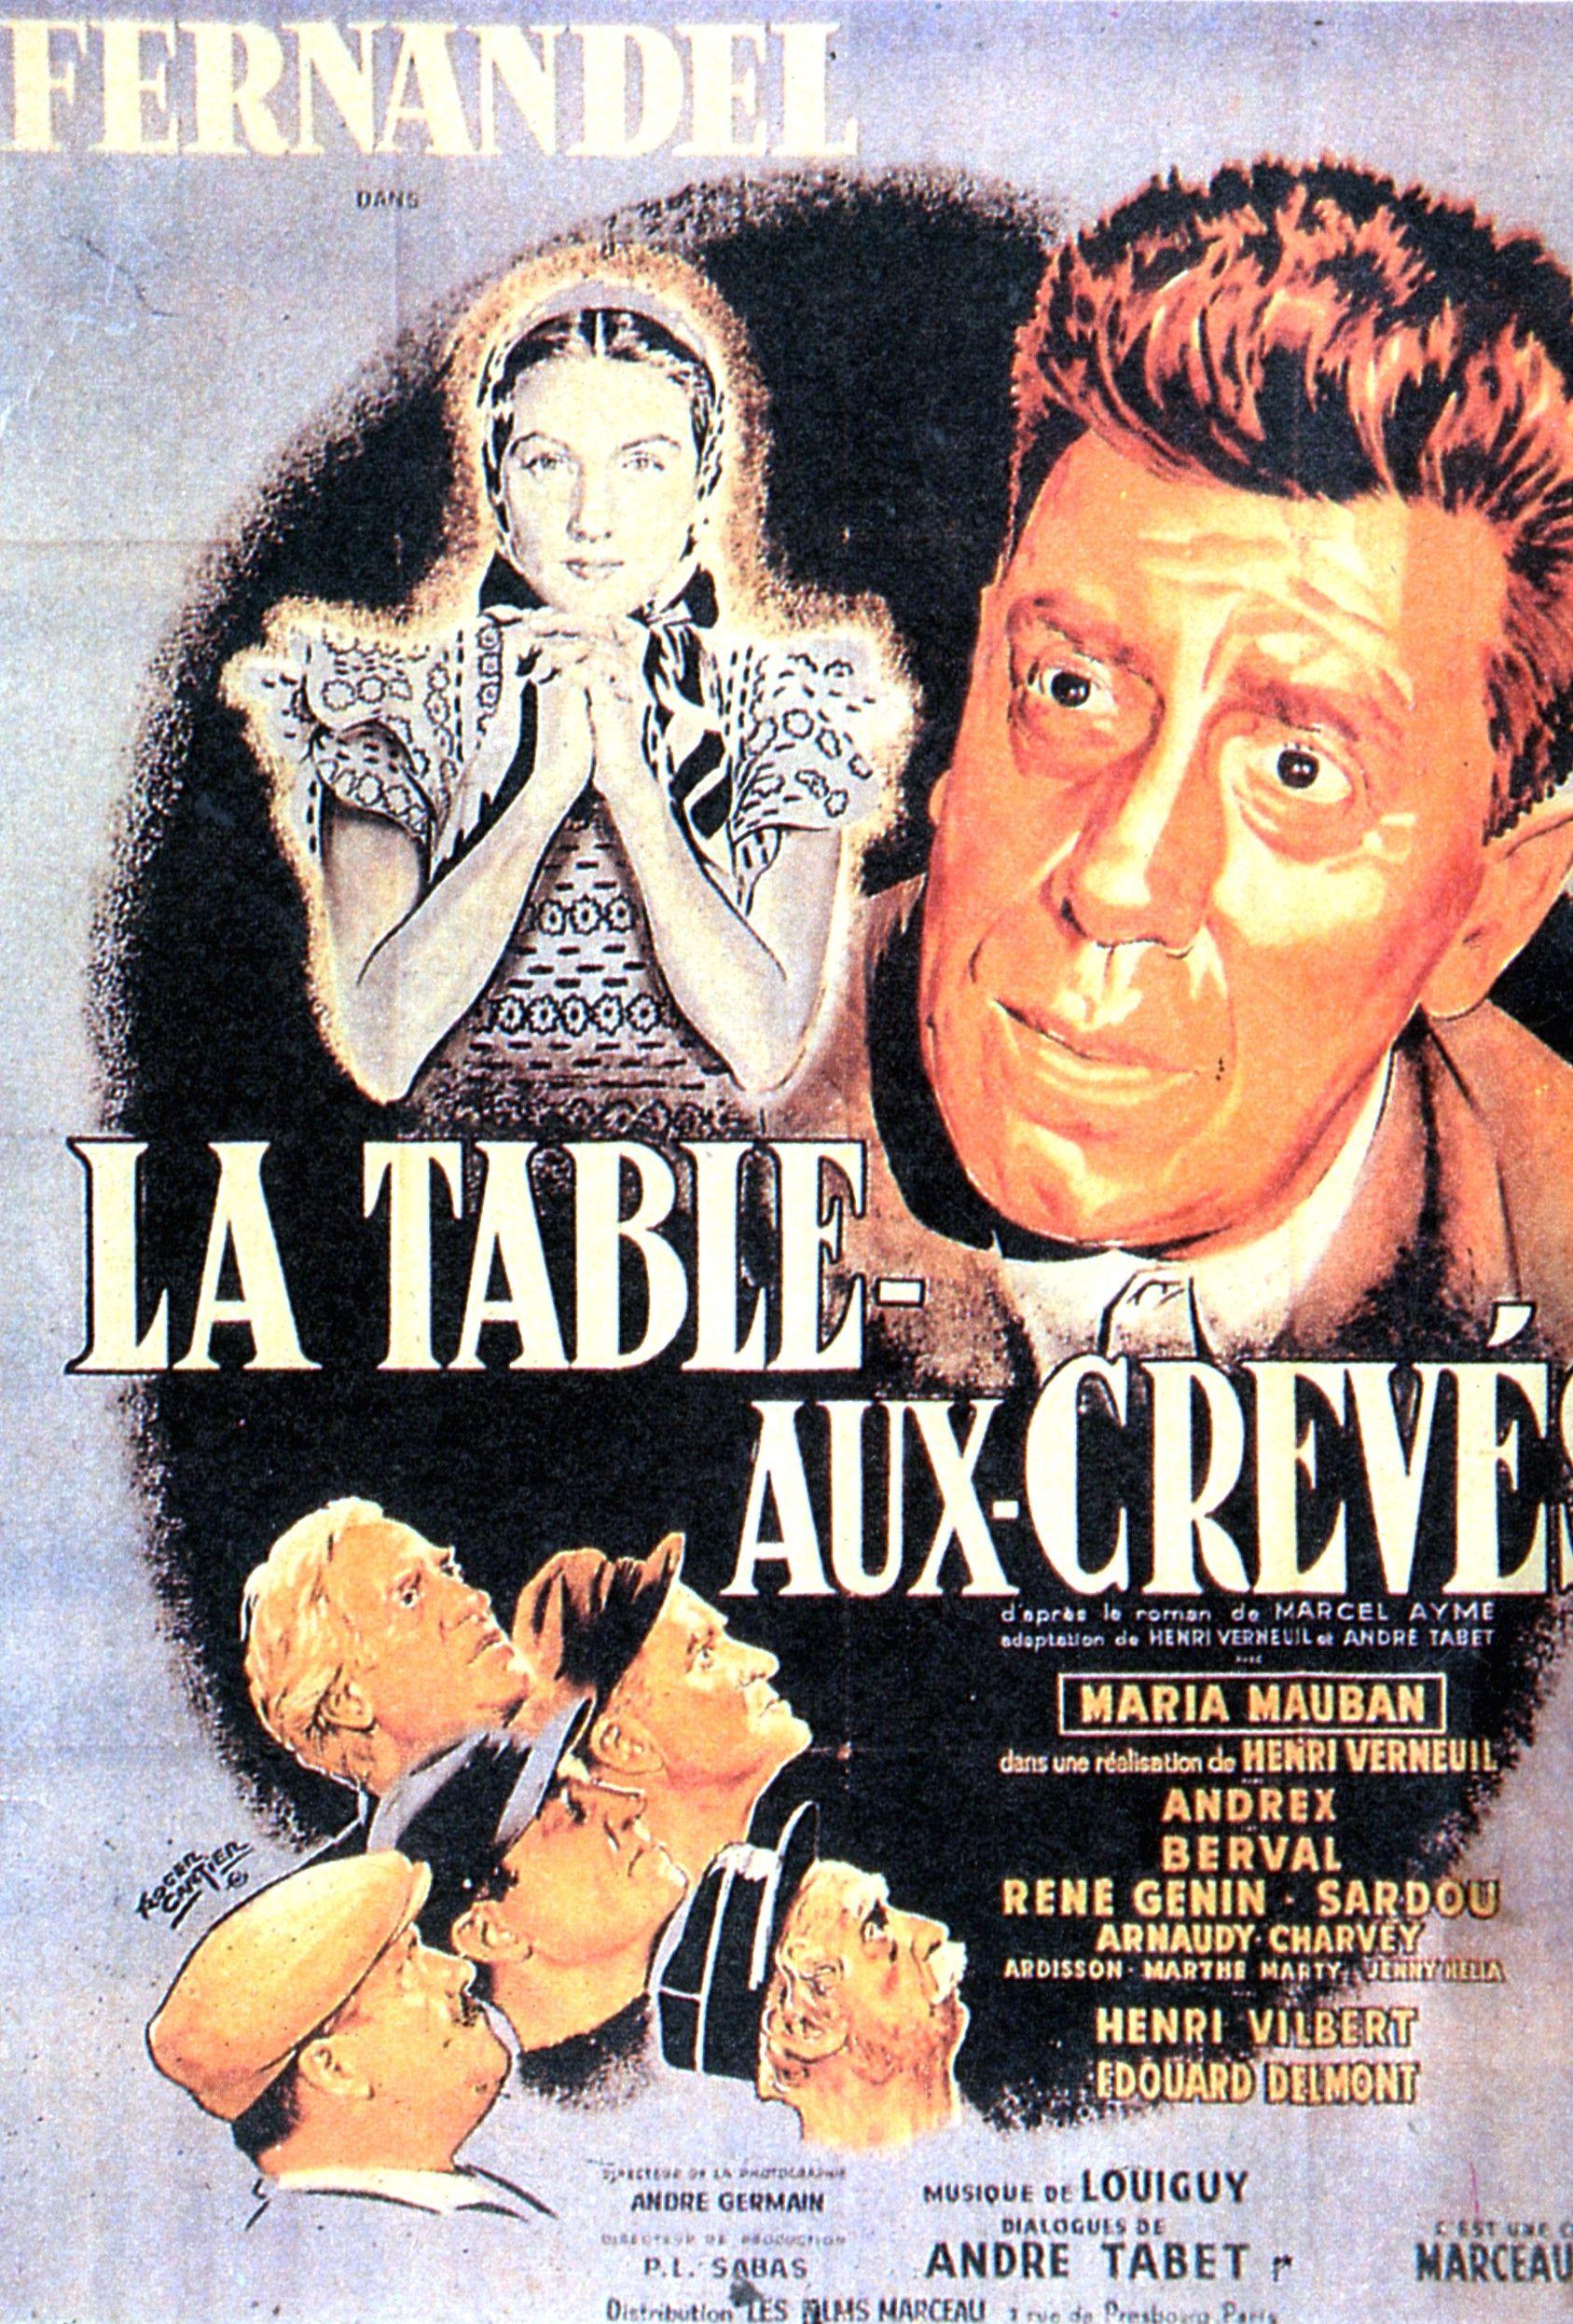 La Table Aux Creves 1951 Affiche De Film Affiche Cinema Affiche Film